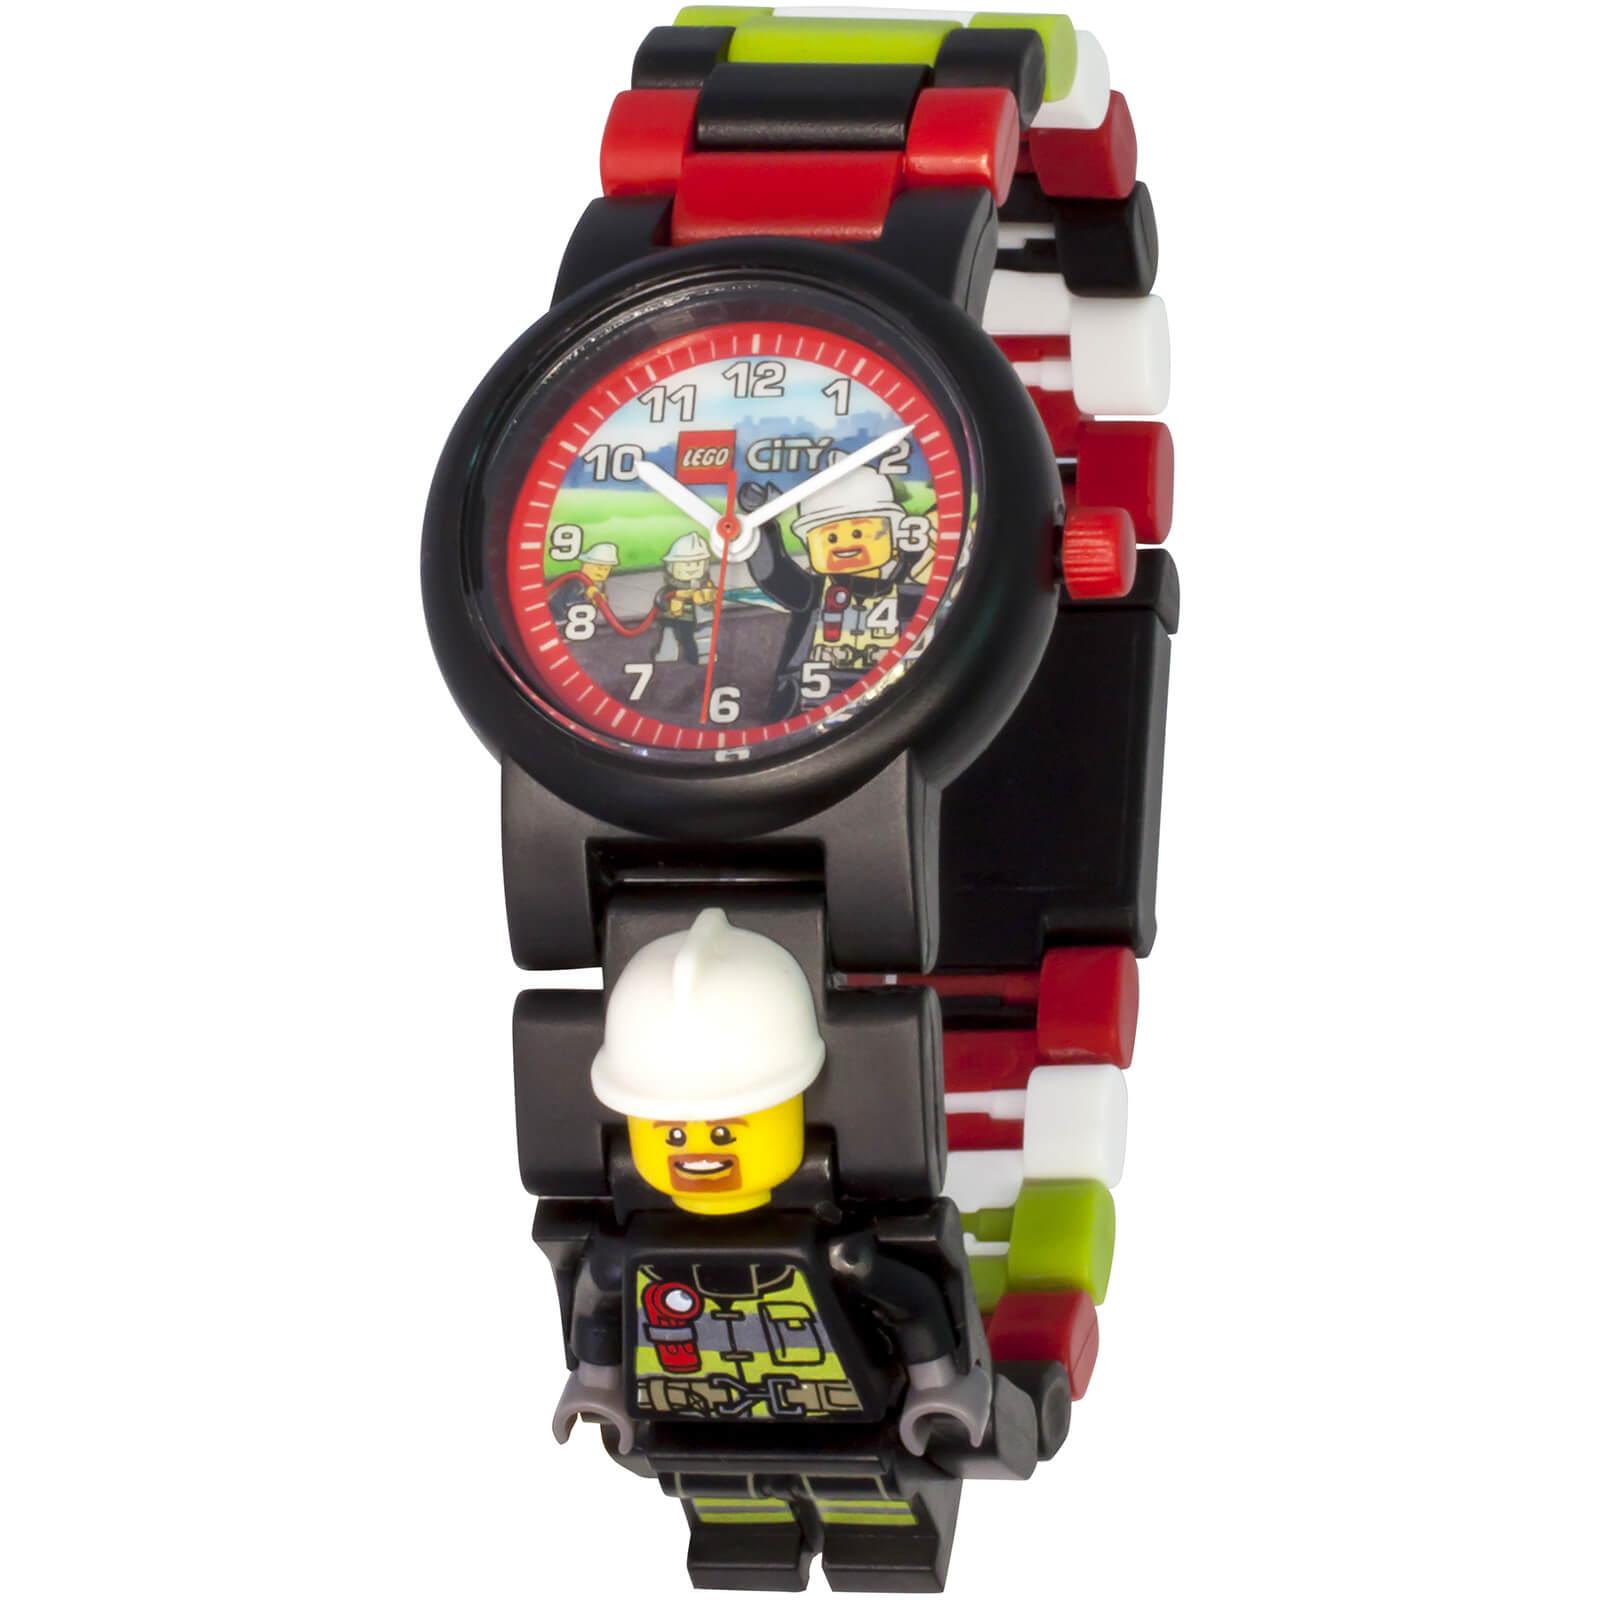 Lego City Fireman Minifigure Link Watch